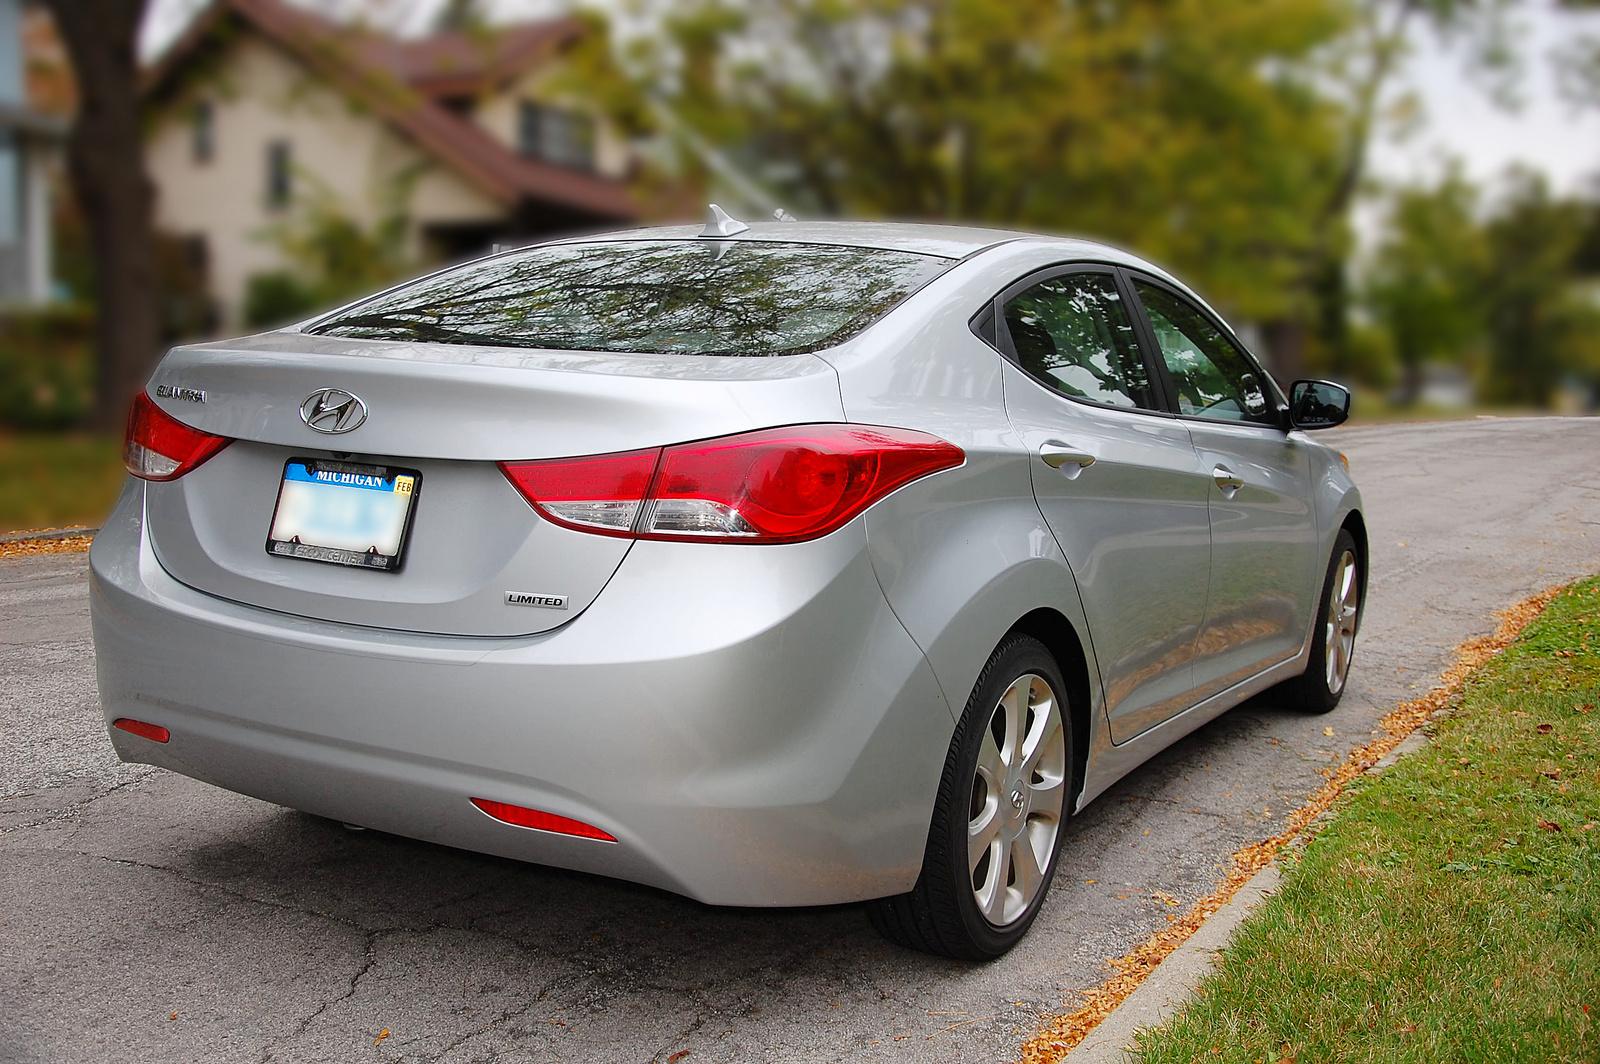 2012 Hyundai Elantra Pictures Cargurus